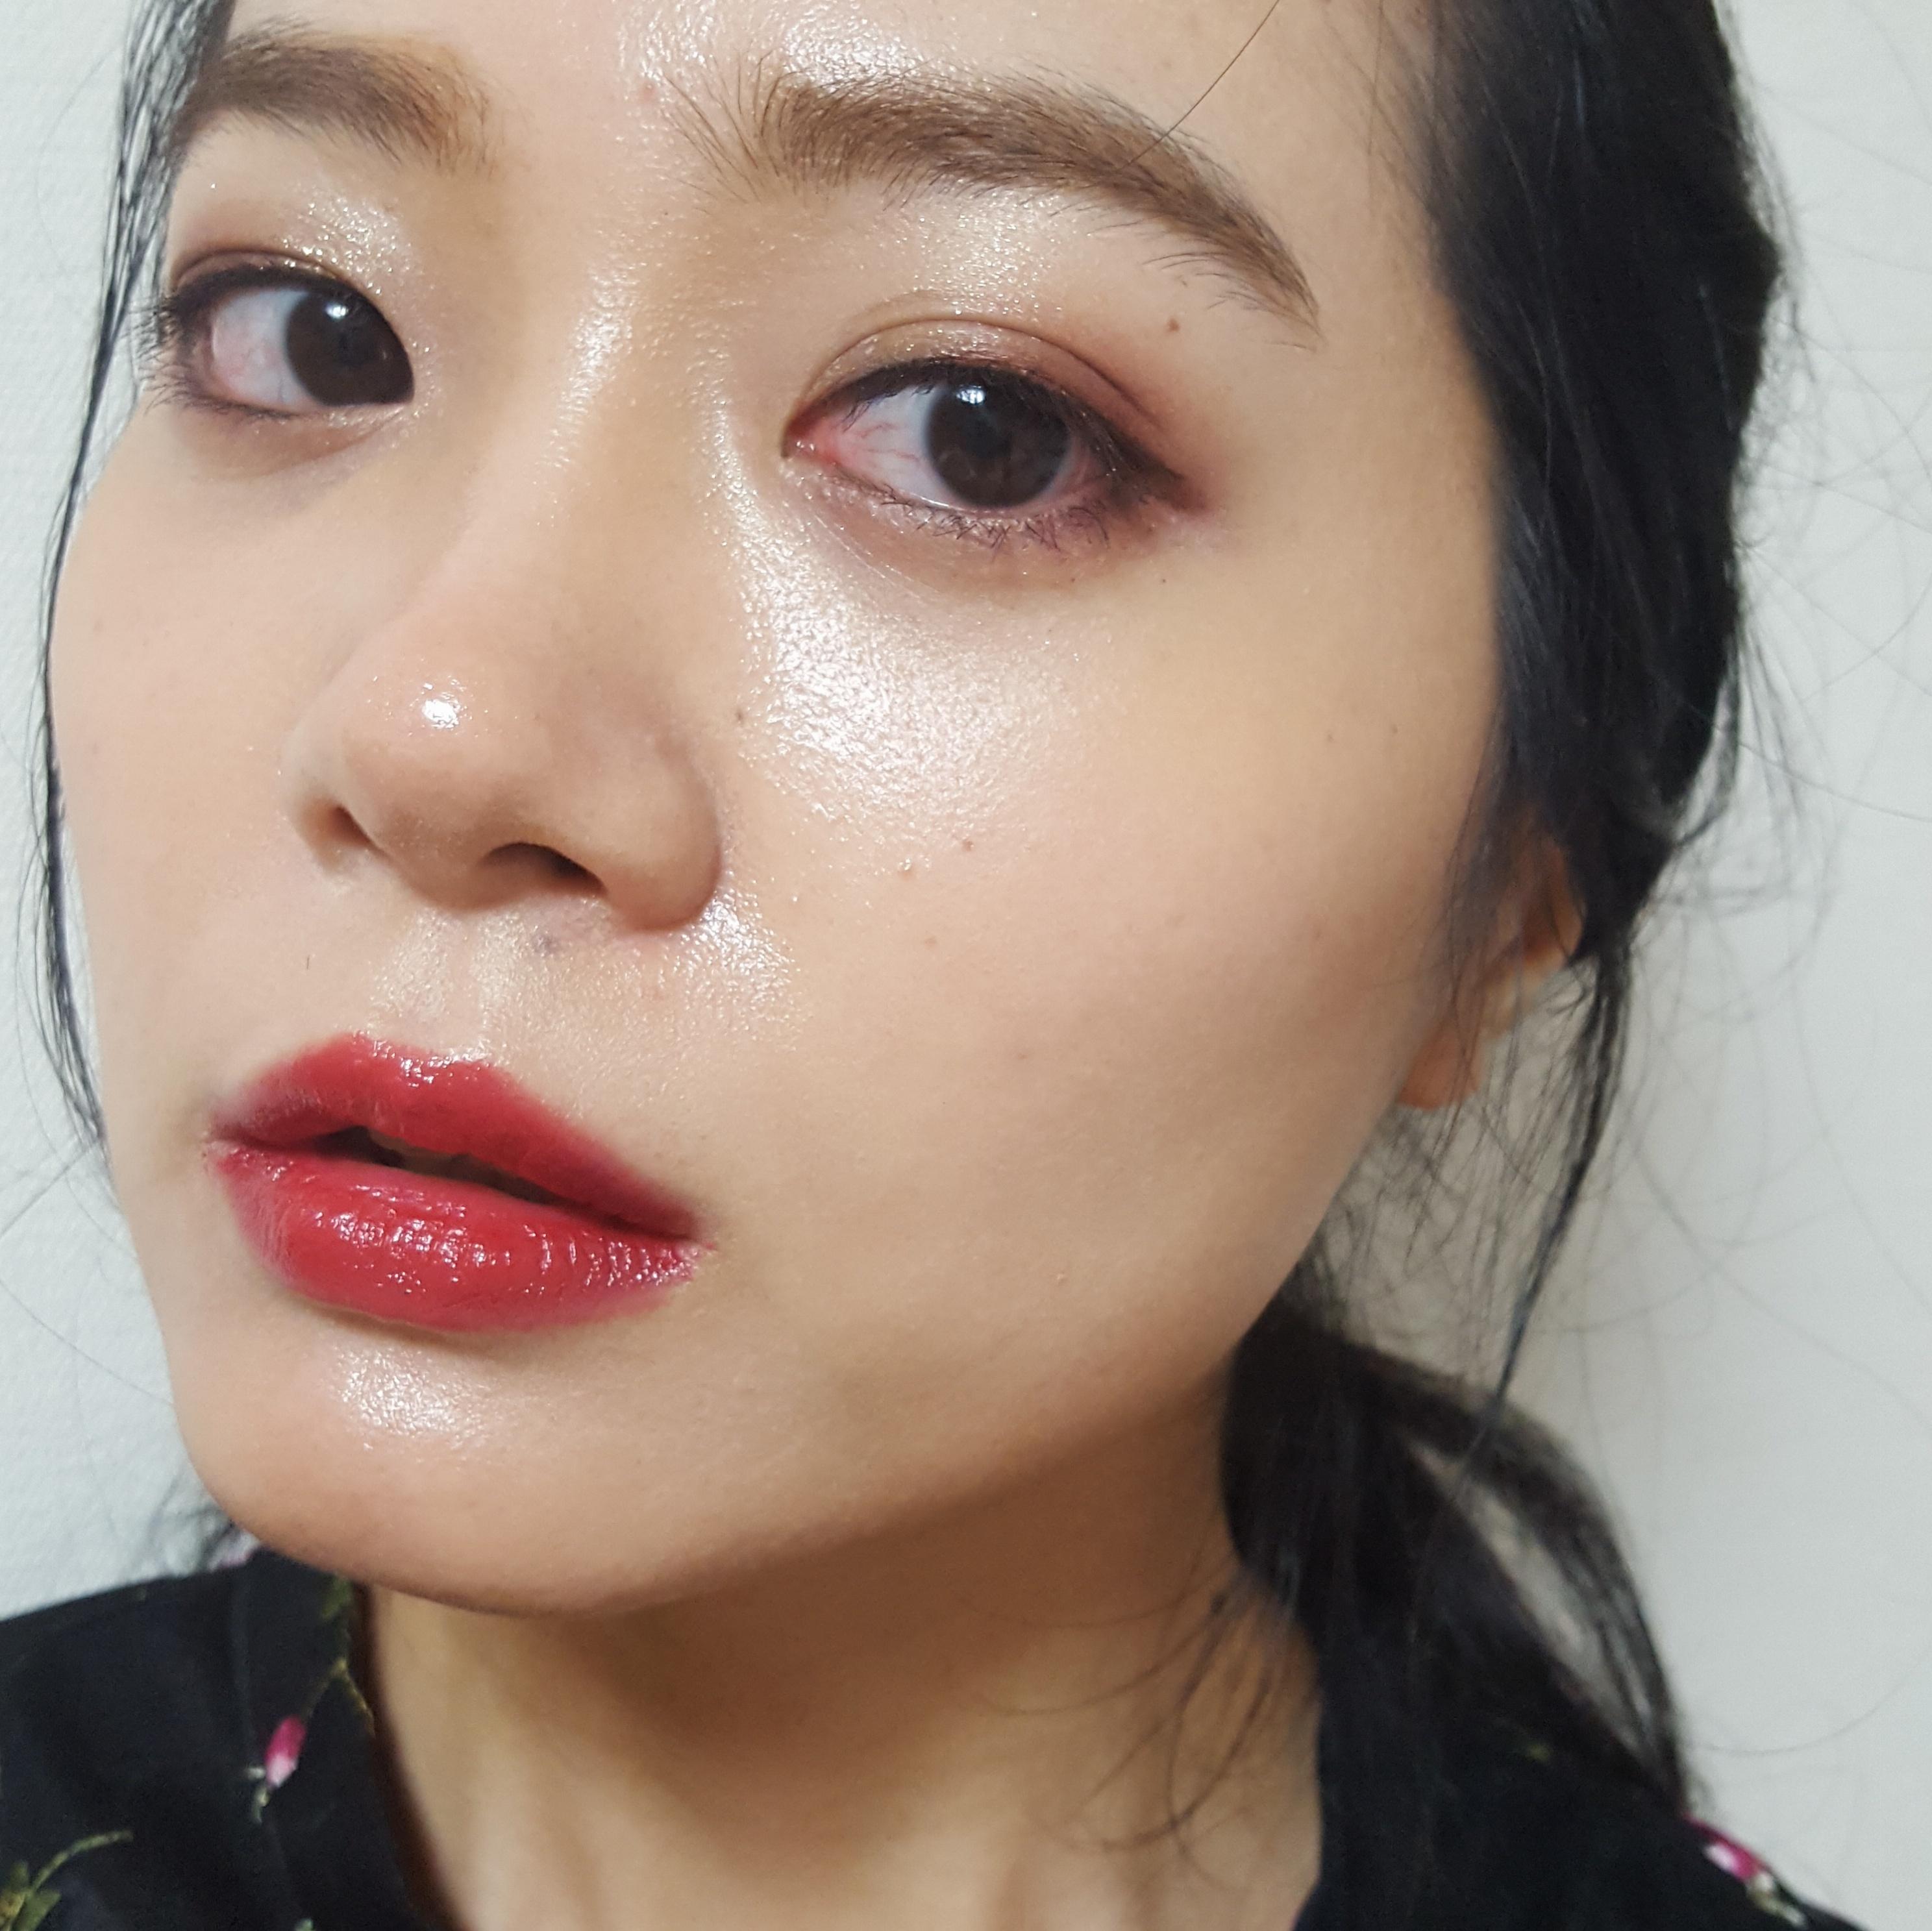 プチプラコスメで冬の女子会メイク♡ 今っぽい「赤」が主役!_1